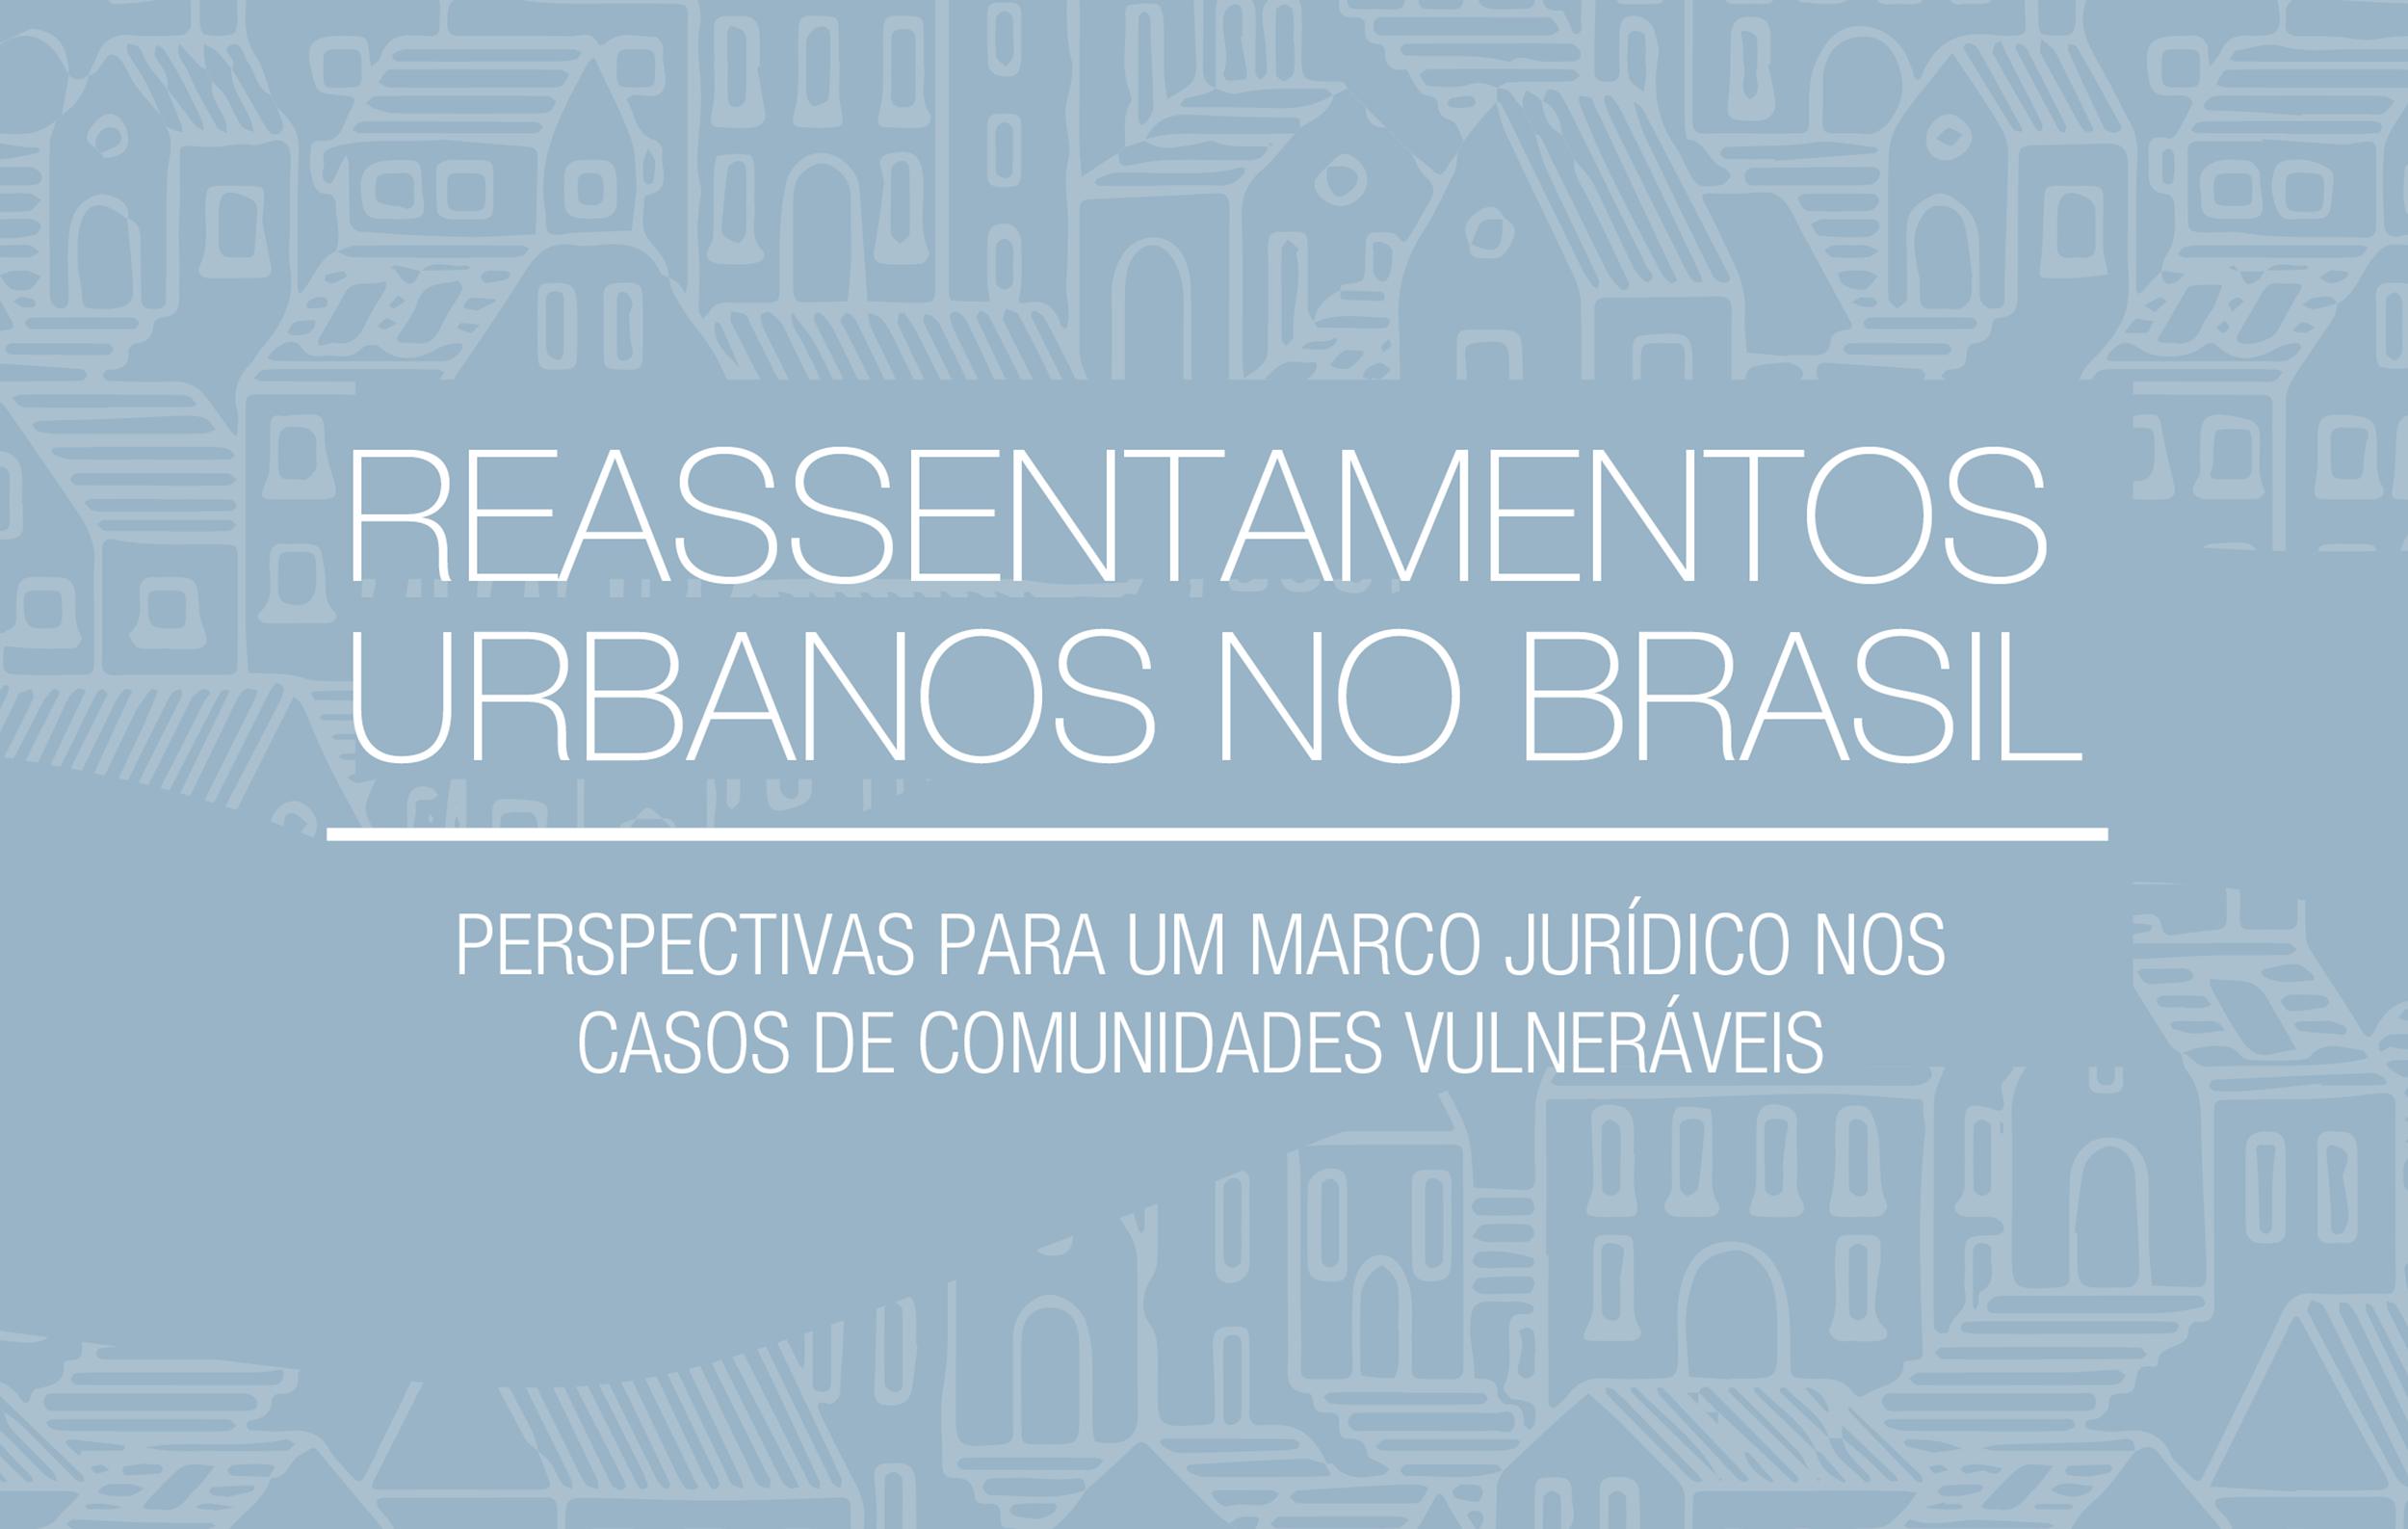 Lançamento do Livro Reassentamentos Urbanos no Brasil